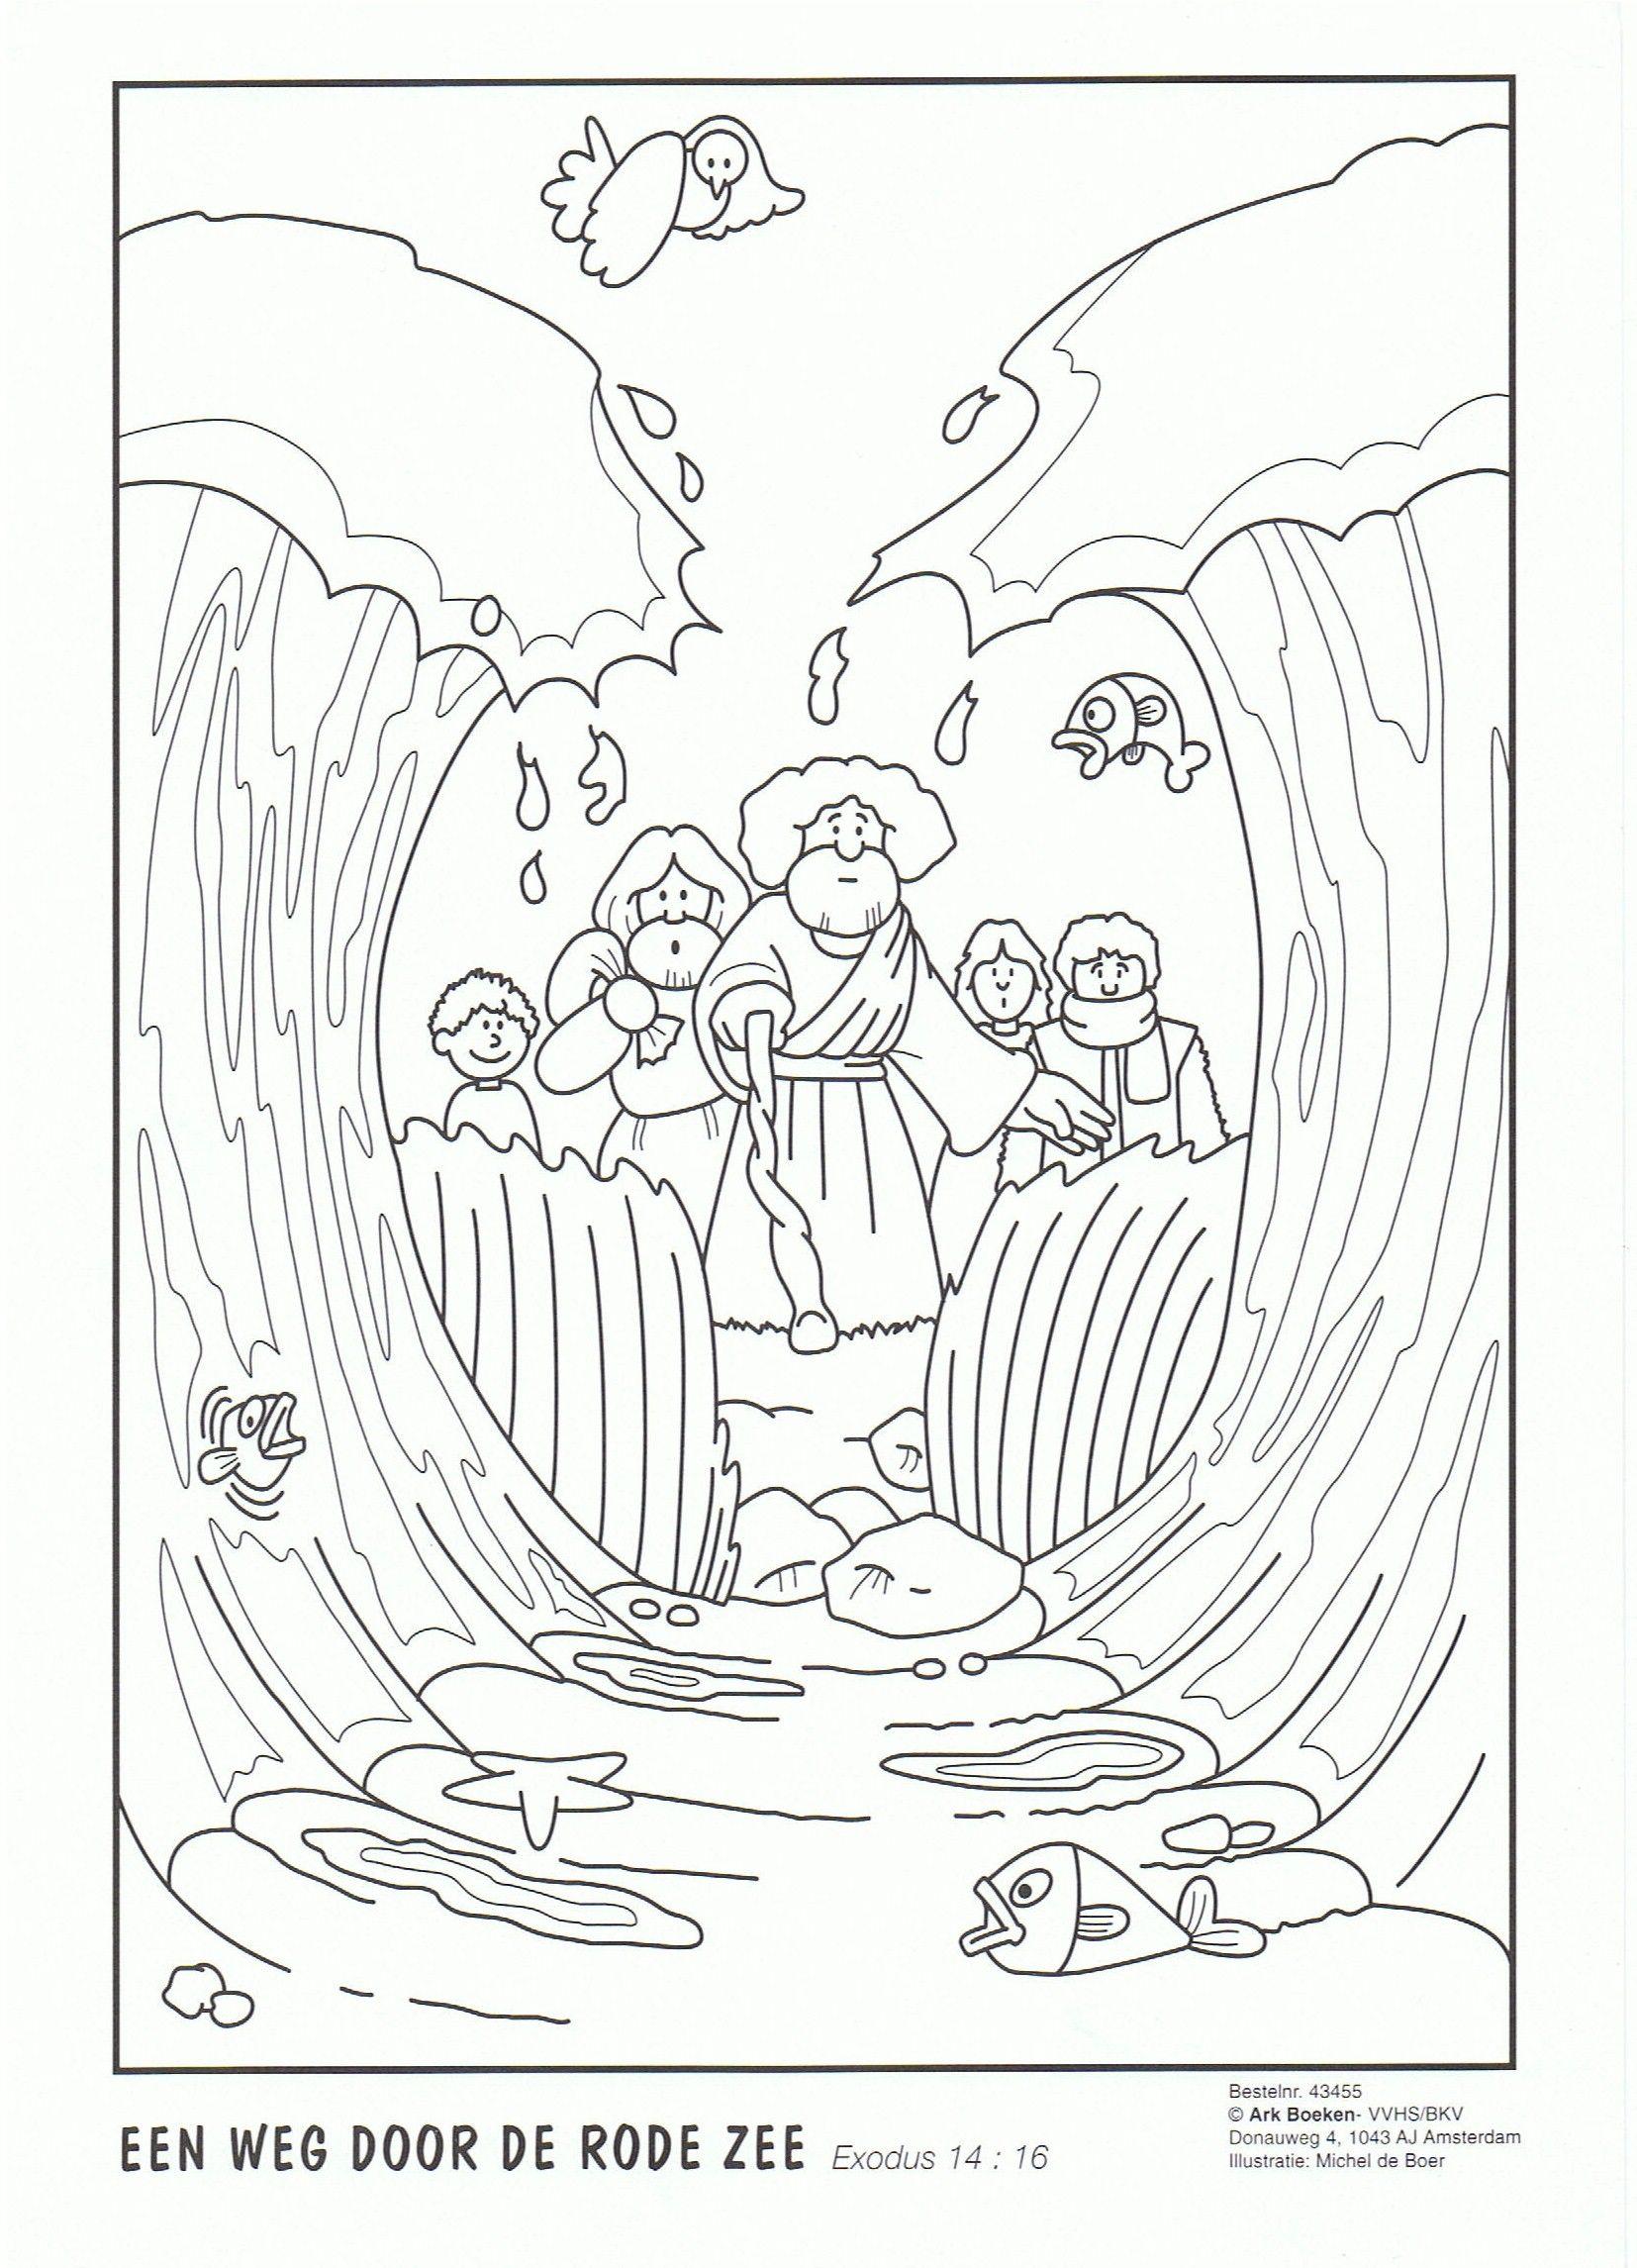 Meilleur De Images Bibliques à Colorier